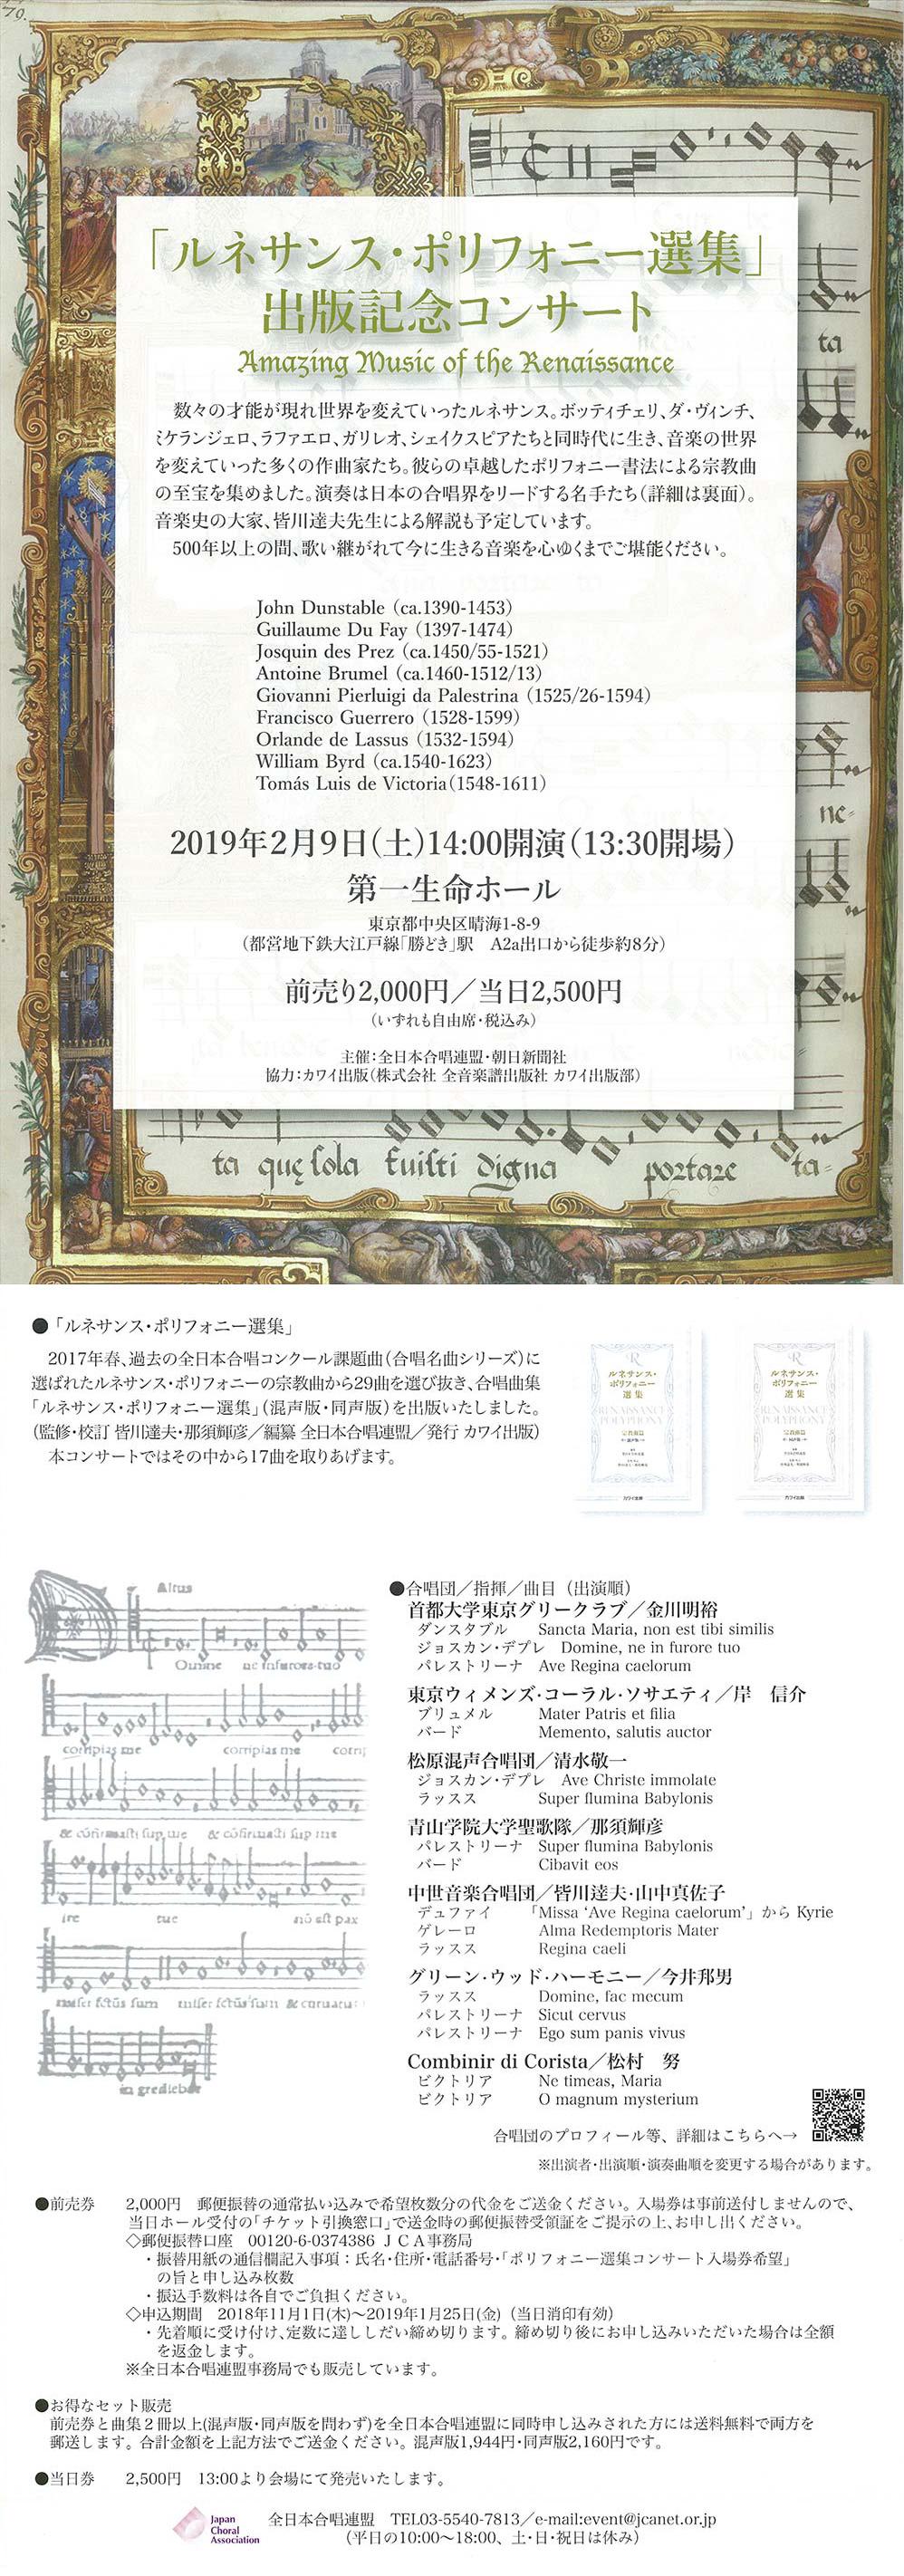 ルネサンス・ポリフォニー選集出版記念コンサート